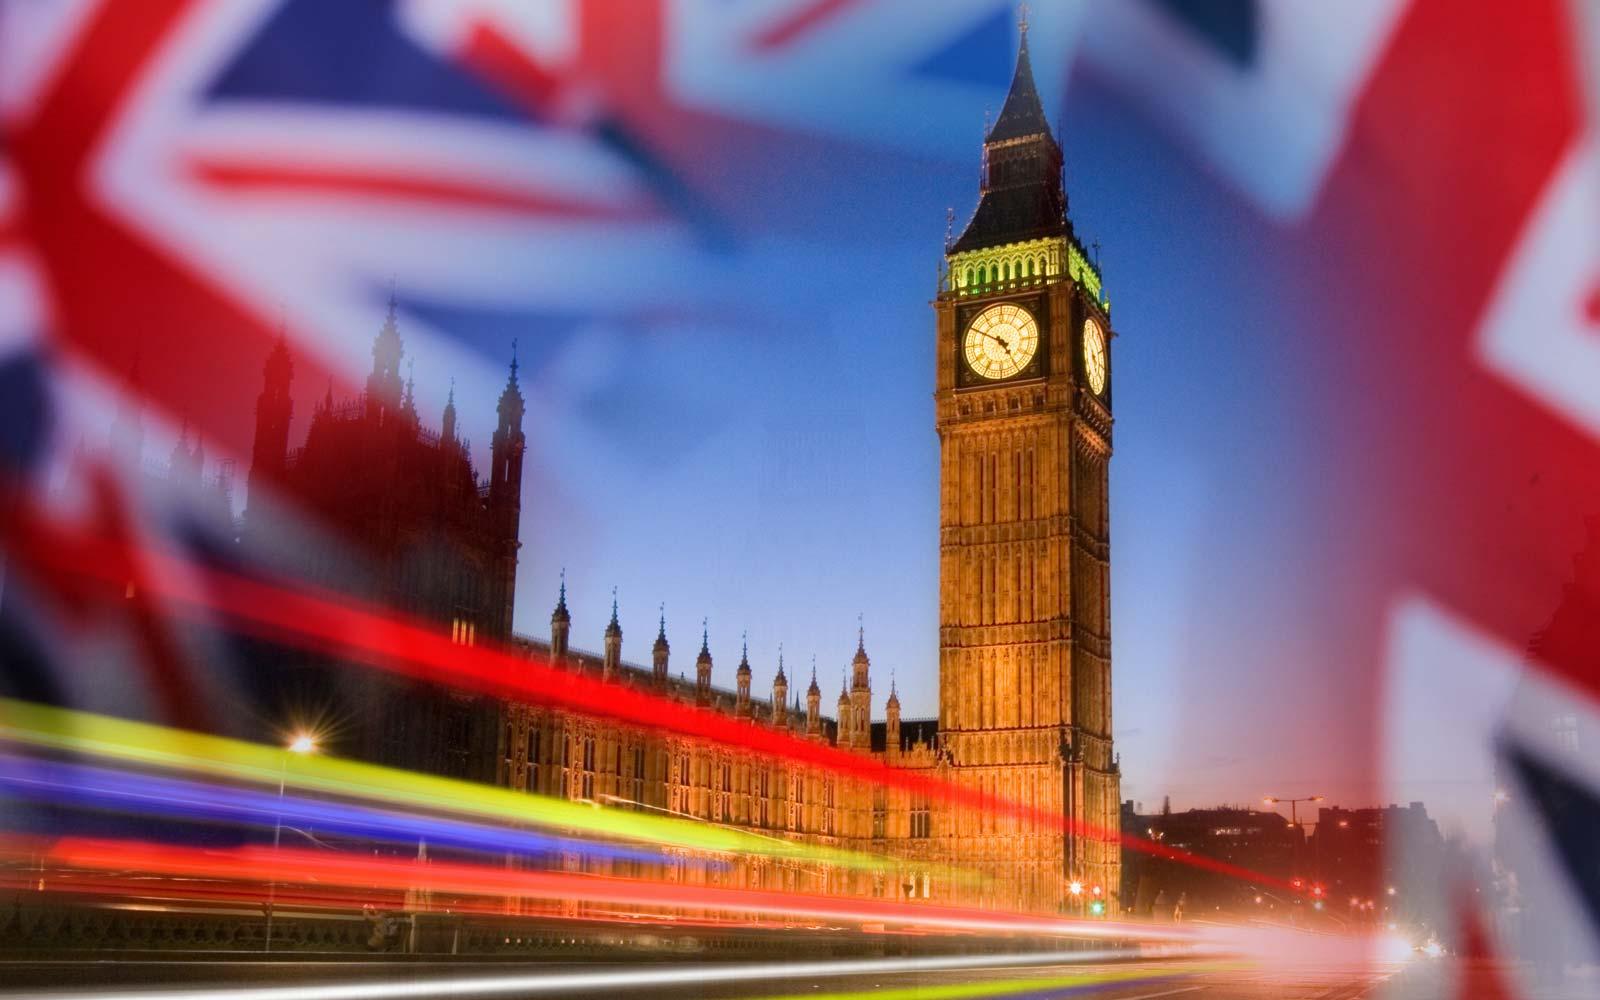 بورسیه تحصیلی شوینگ انگلستان برای تمامی رشته های تحصیلی